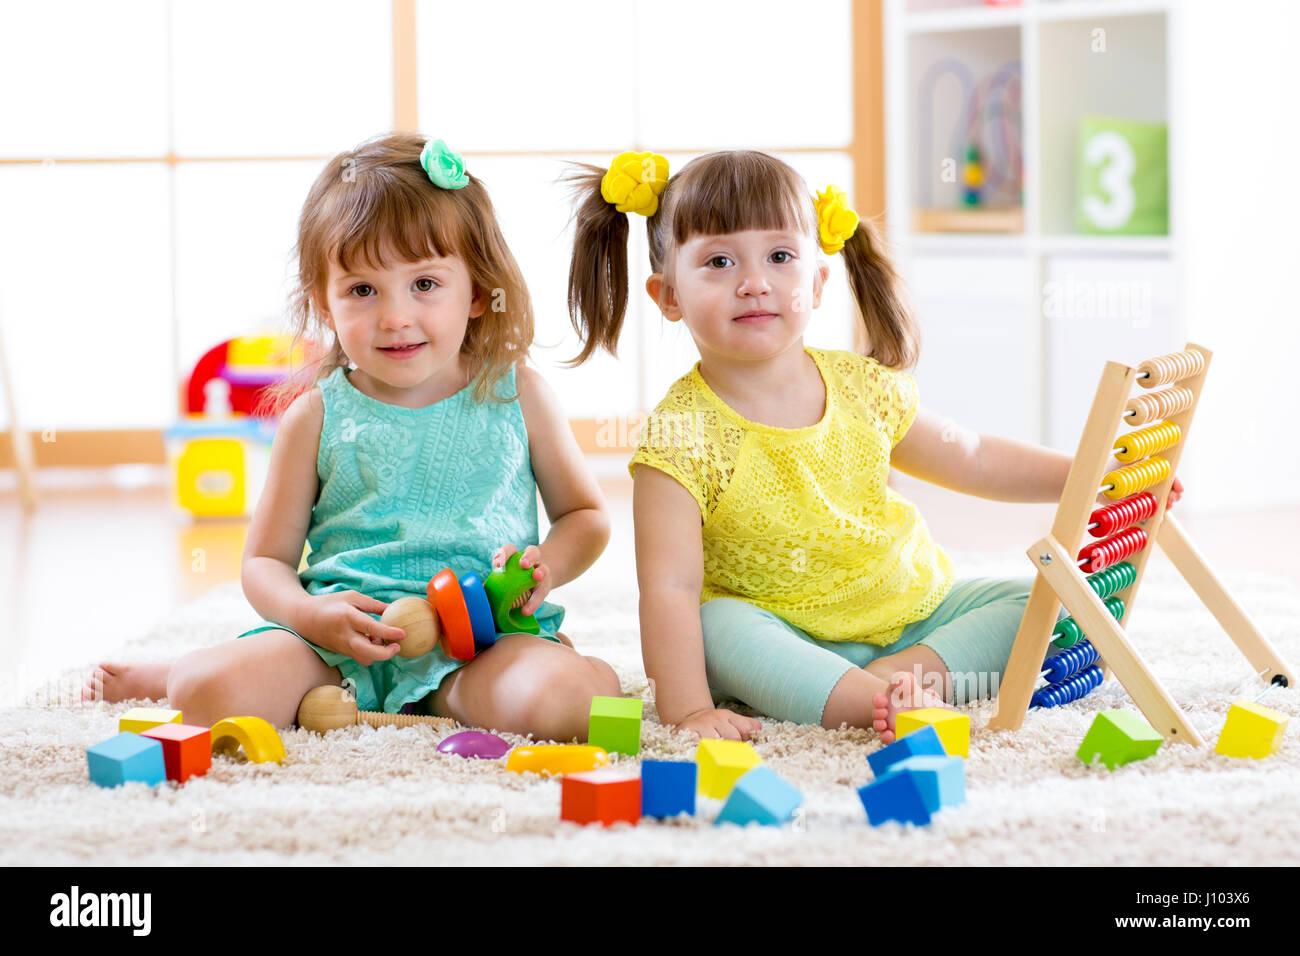 Preescolar Y Jardin De Infantes: Niños Jugando Juntos. Niño Niño Y Bebé Jugar Con Bloques